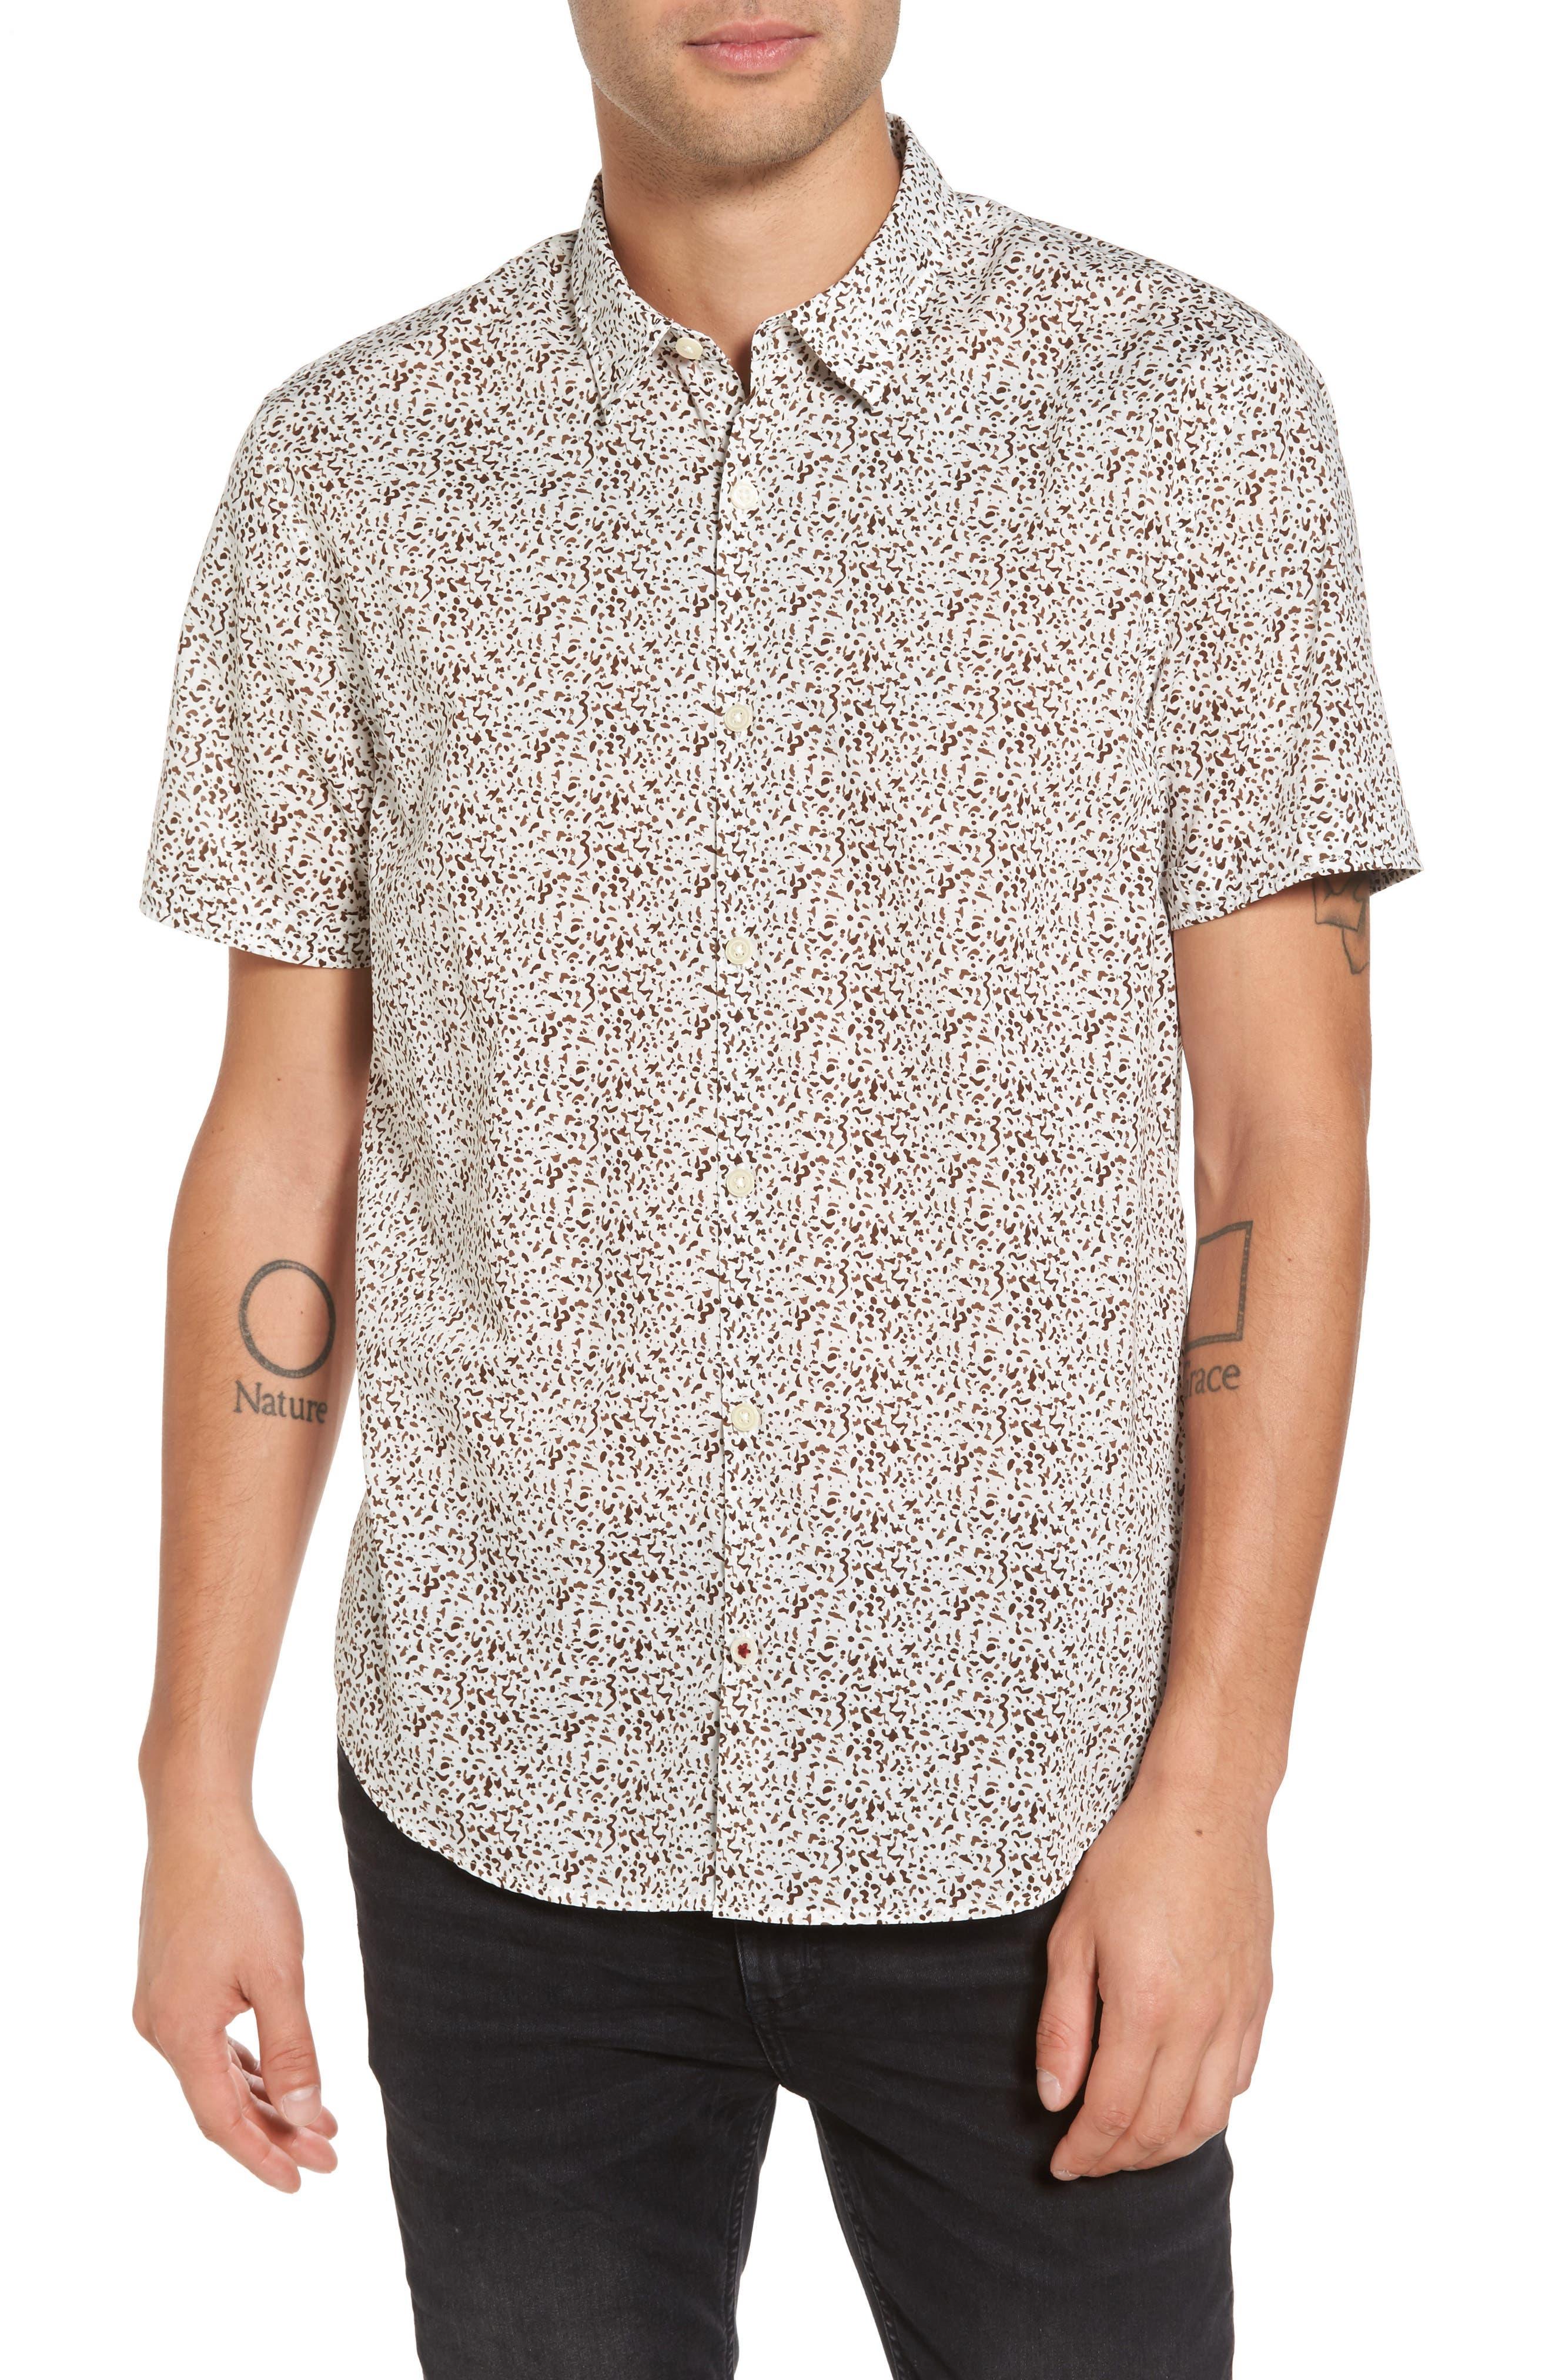 Main Image - Star USA Slim Fit Animal Print Short Sleeve Sport Shirt